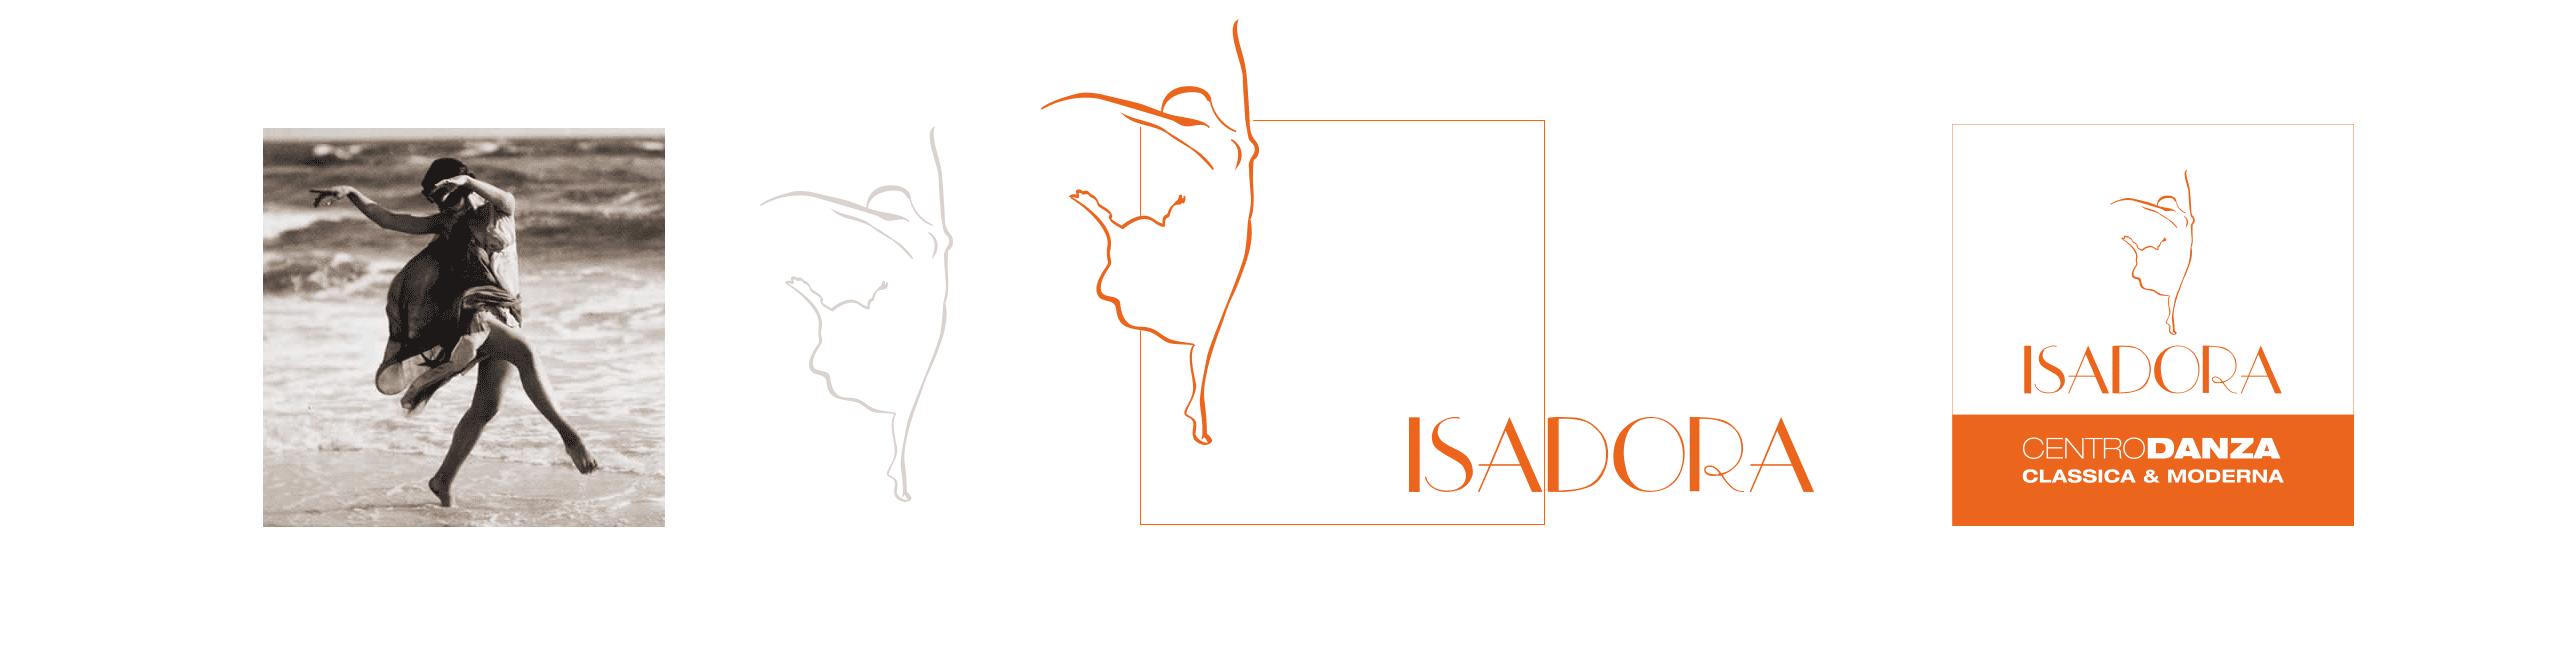 isadora-logo-concept-2